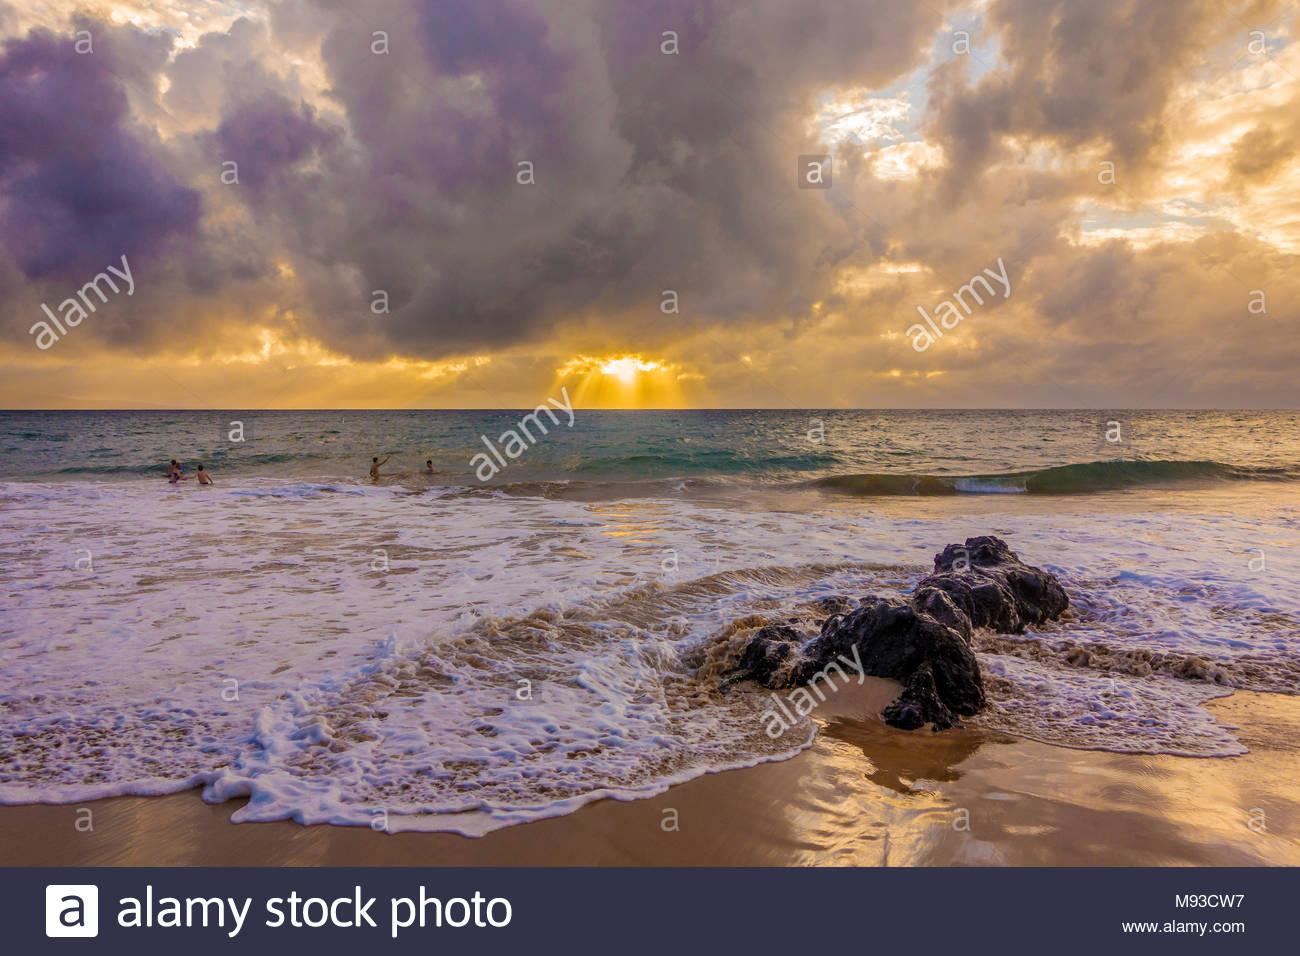 Abend Wolken und sanften Pacific Ocean Surf bei Kamaole Beach Park 11 in Kihei auf der Insel Maui in Hawaii USA Stockbild